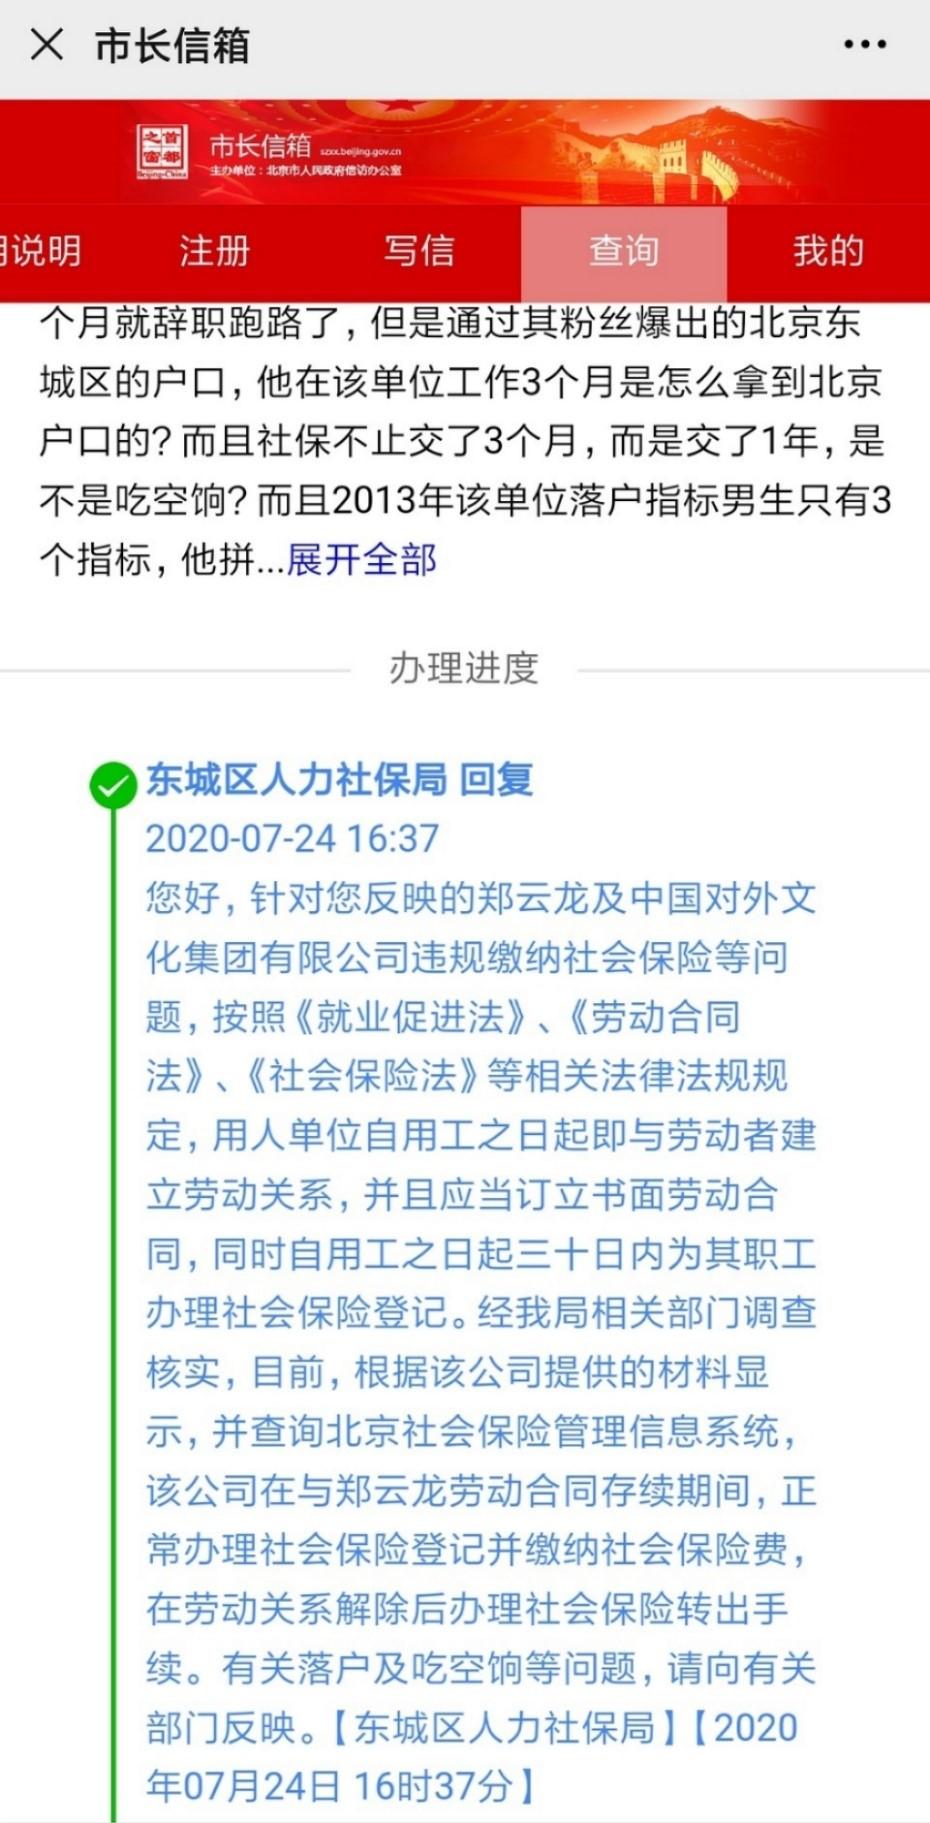 东城区人力社保局的回复截图。